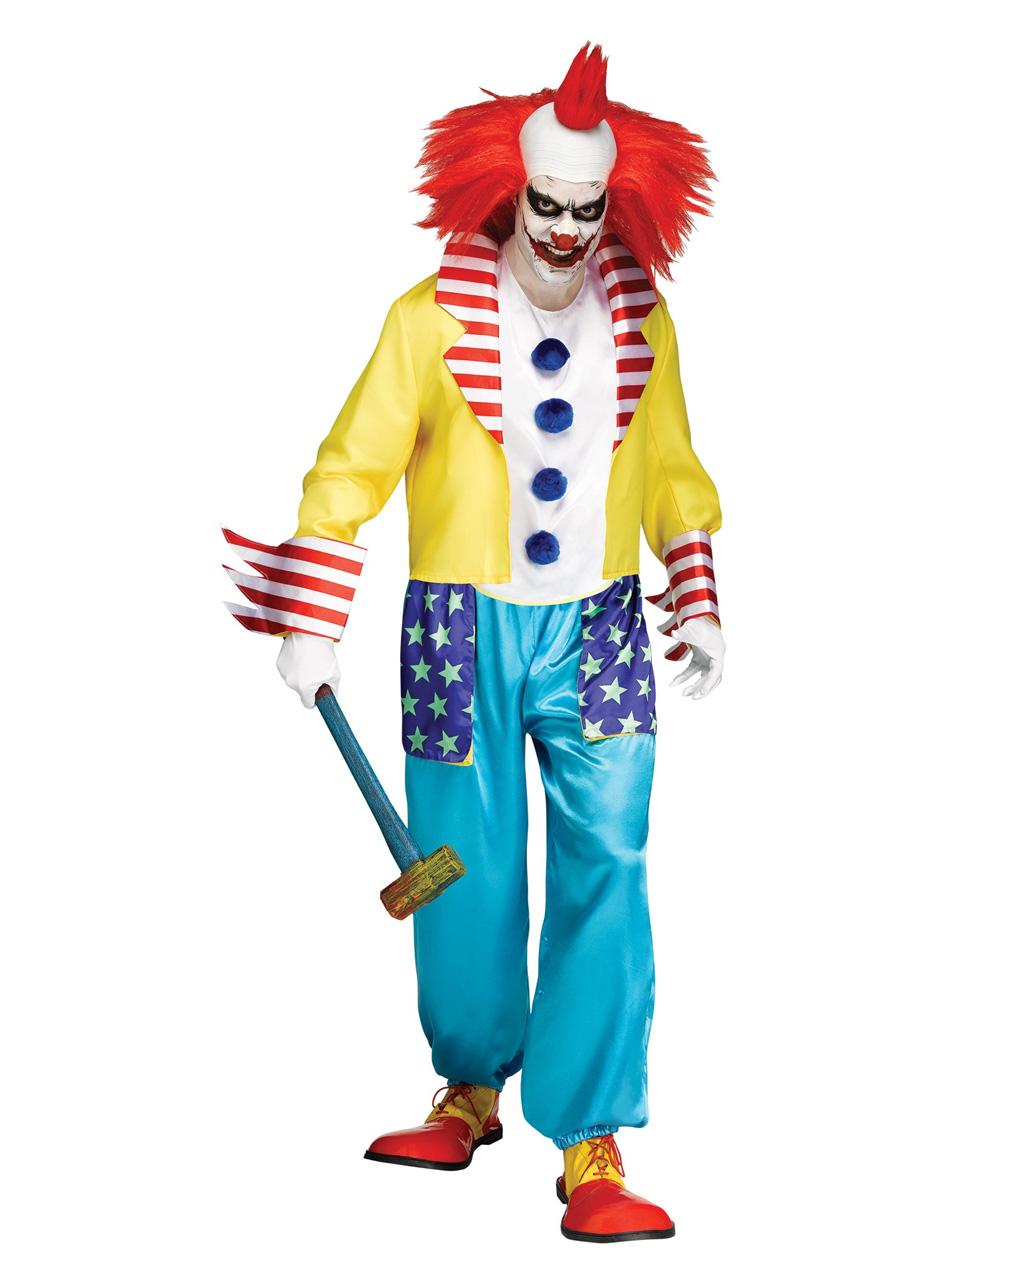 böser clown halloween kostüm für horror partys | horror-shop